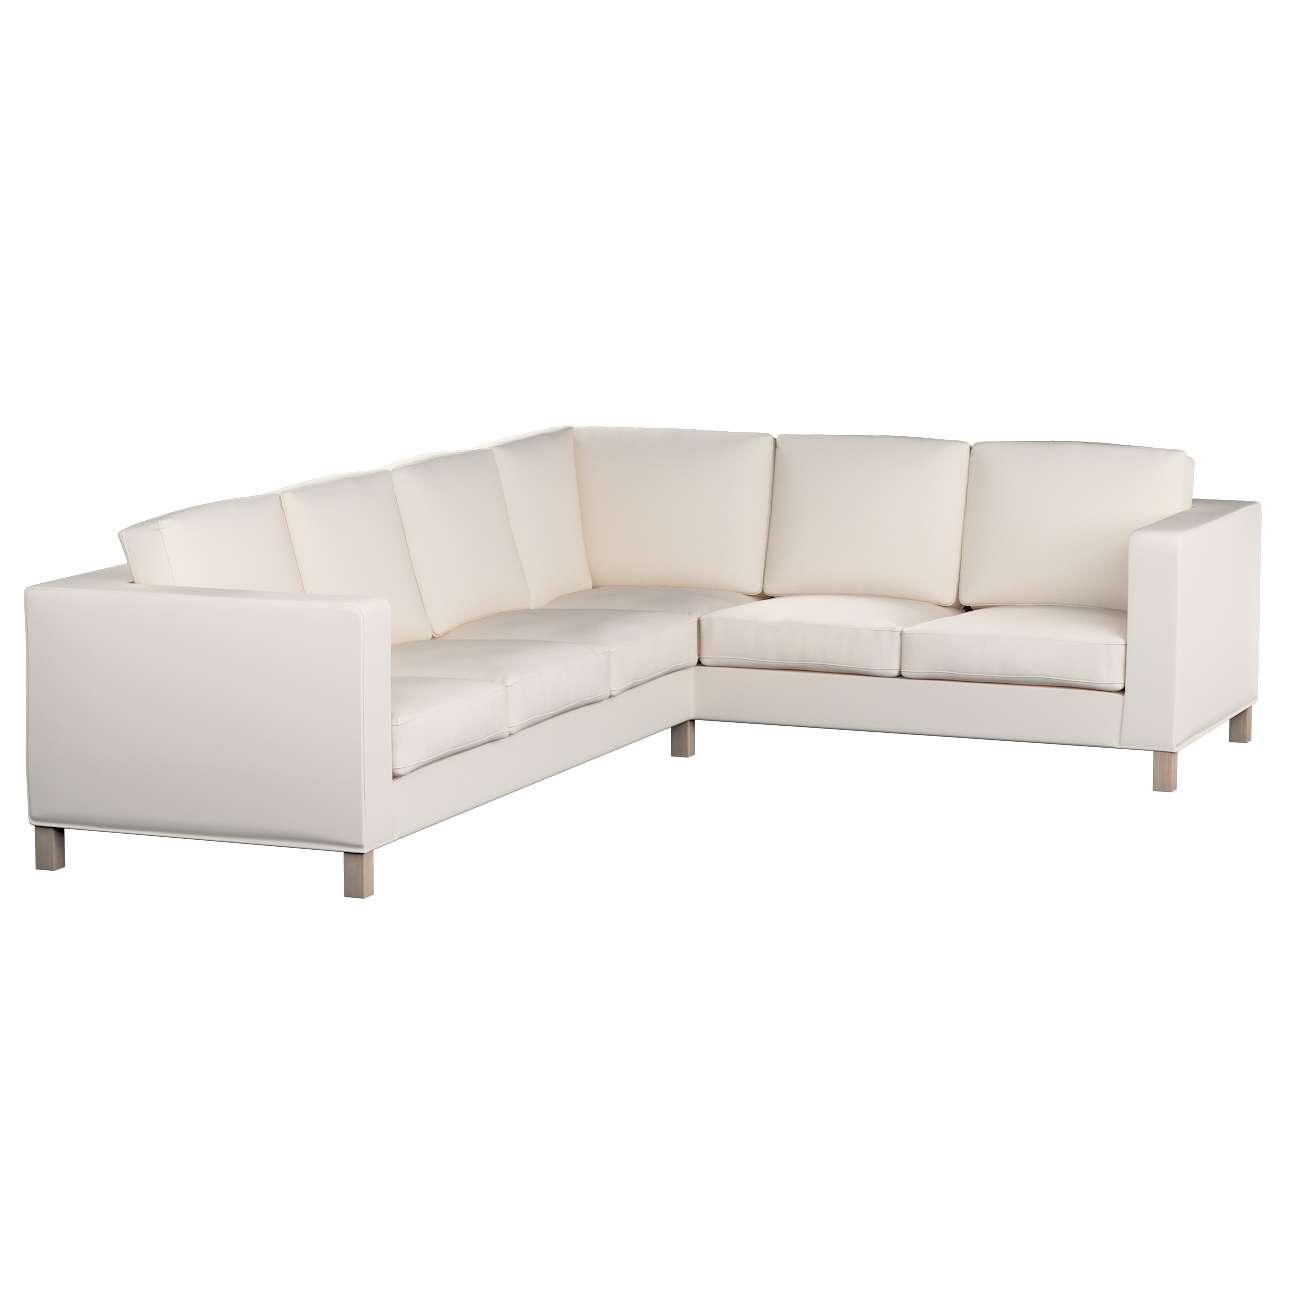 Pokrowiec na sofę narożną lewostronną Karlanda w kolekcji Etna, tkanina: 705-01